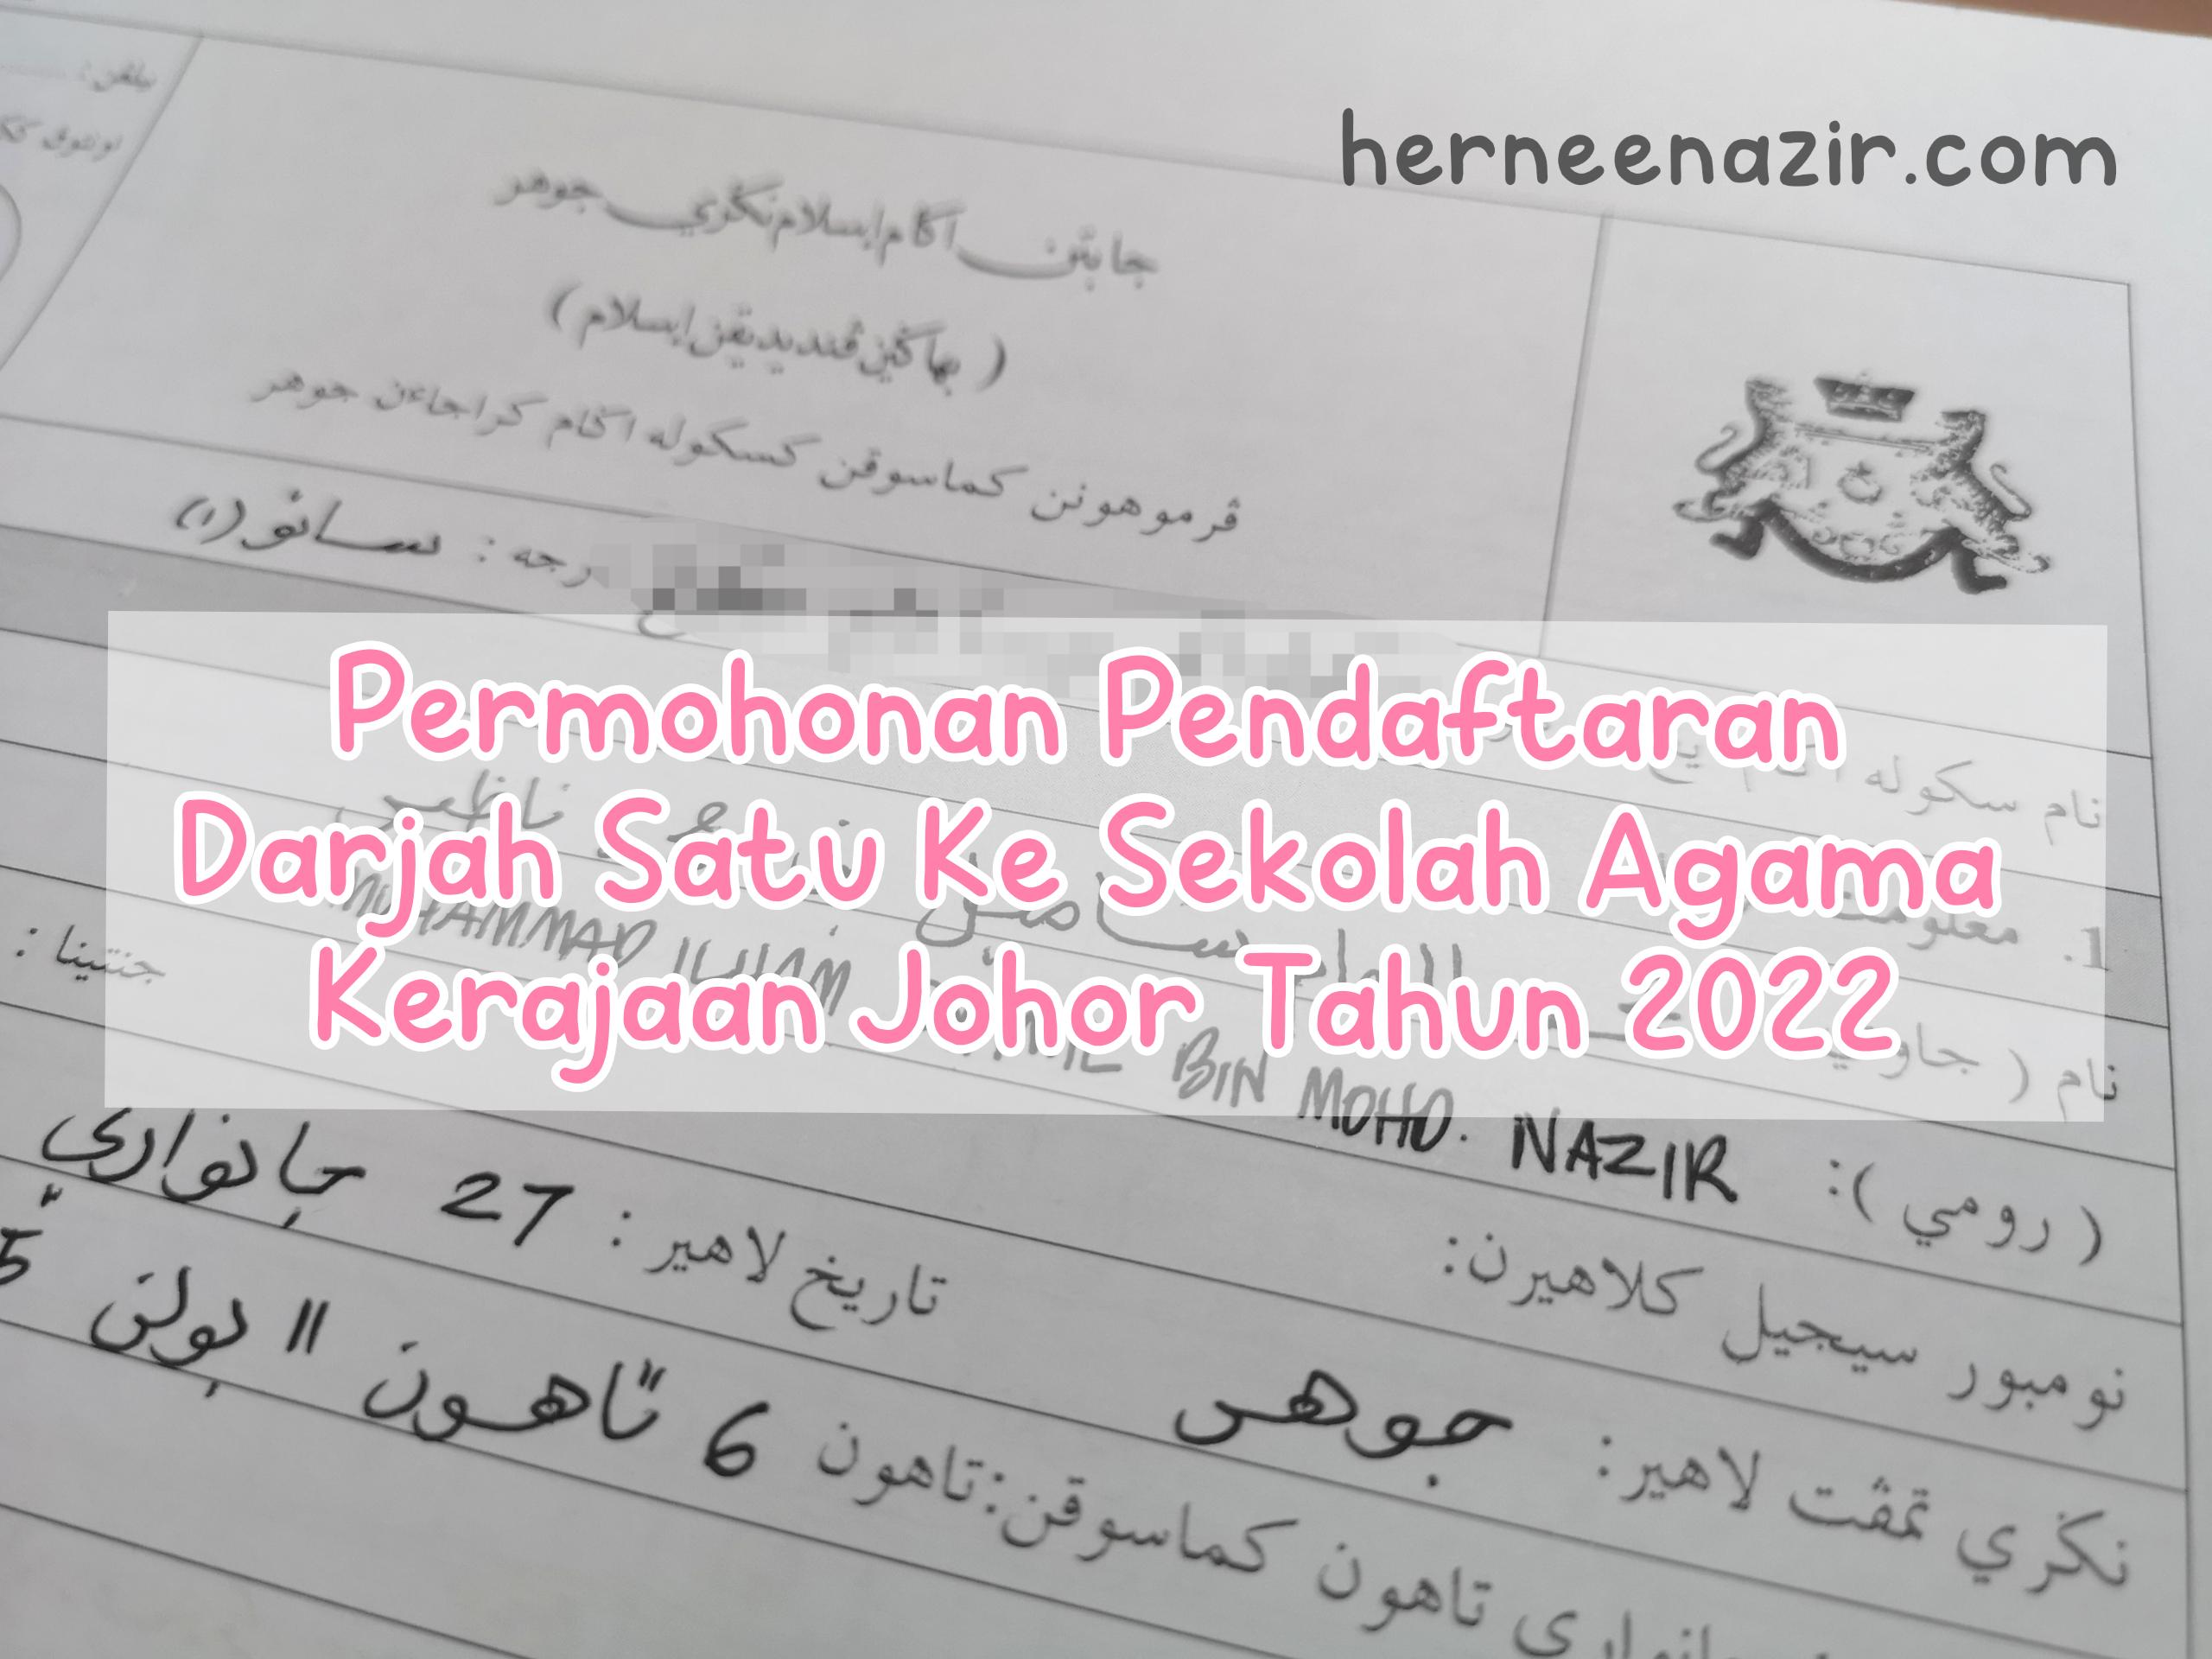 Permohonan Pendaftaran Darjah Satu Ke Sekolah Agama Kerajaan Johor Tahun 2022